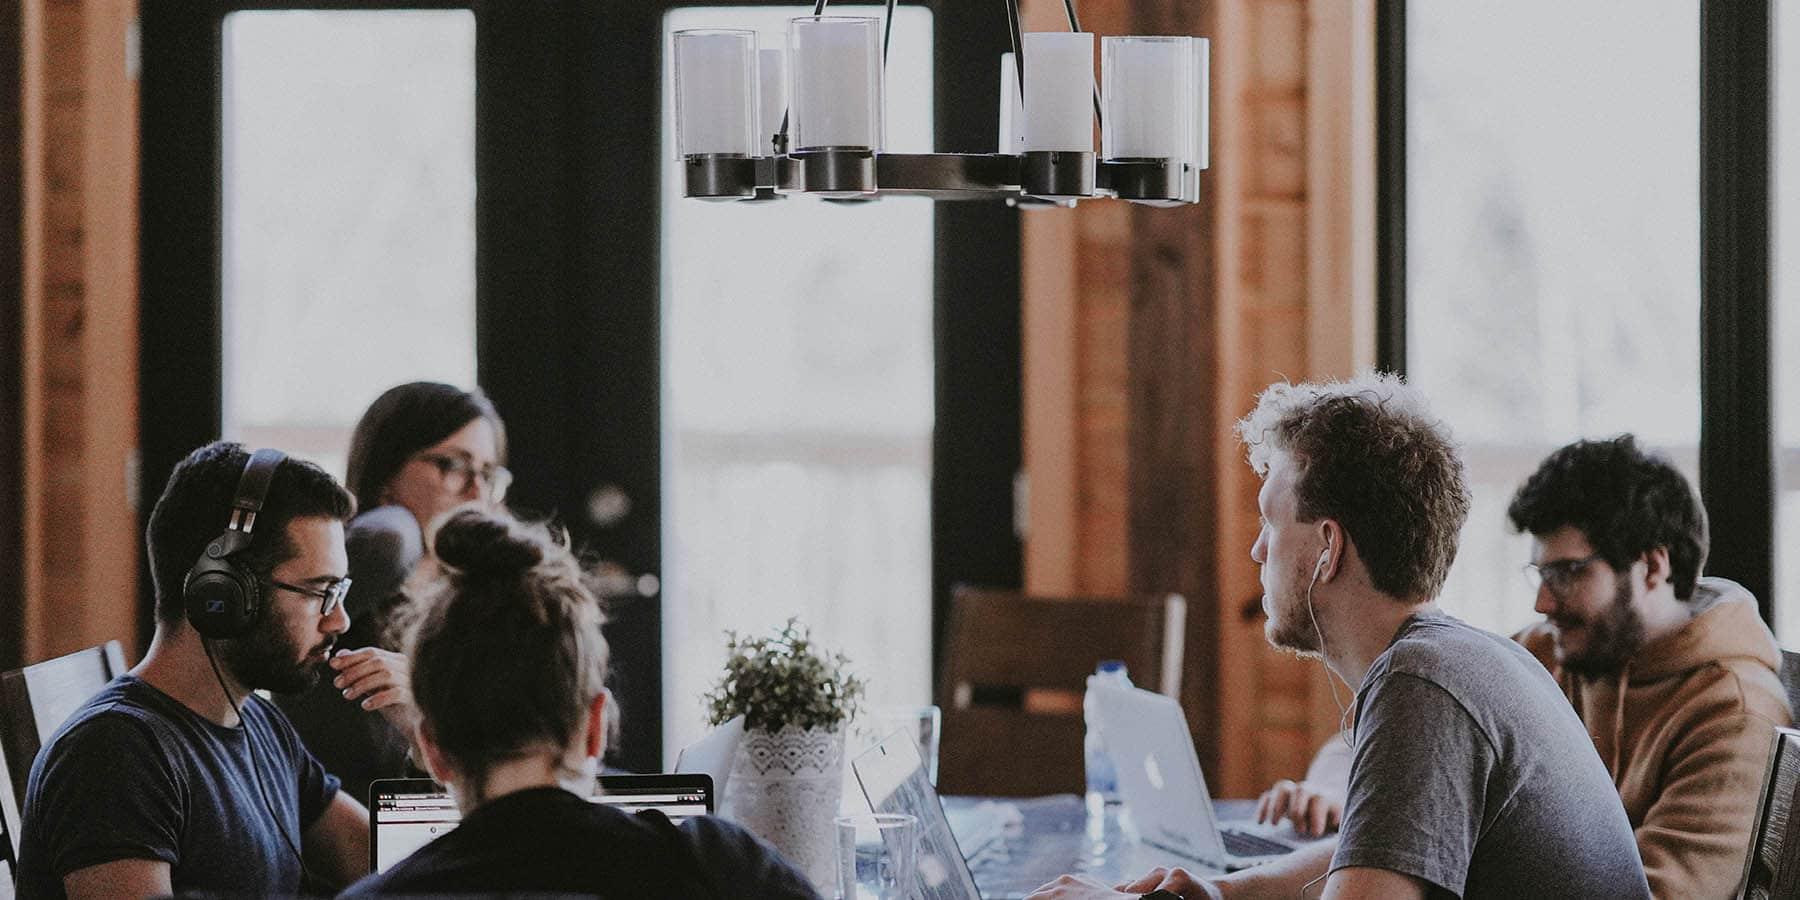 Ubister & l'EPSI lancent une formation consultant ERP spécialisée SAP Business ByDesign